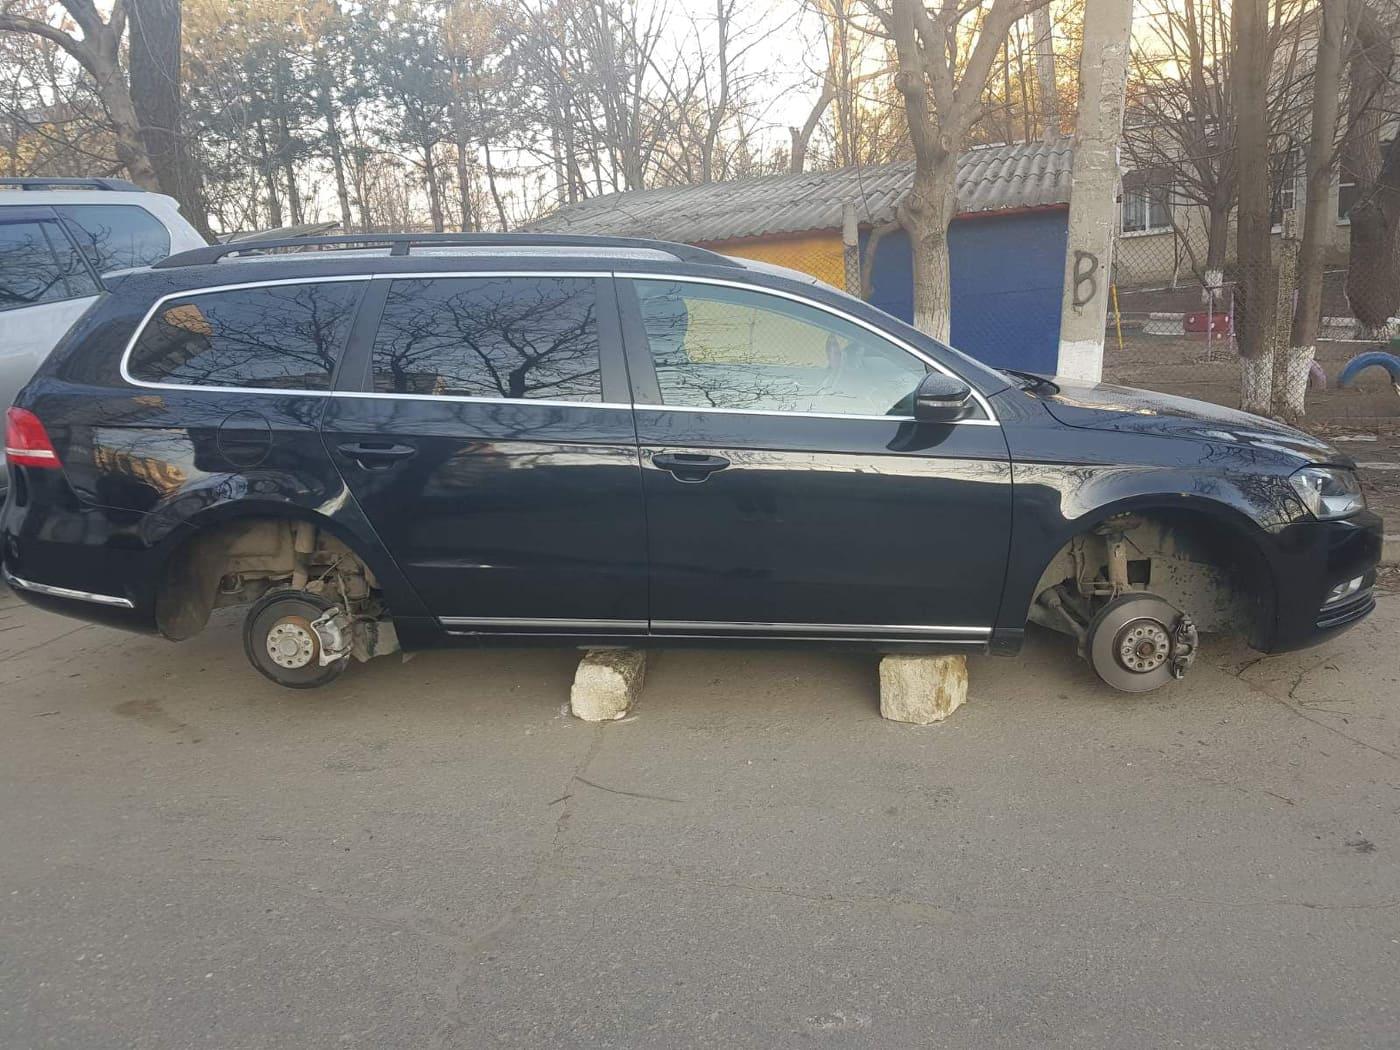 ВИДЕО |  Всего за два месяца в Бельцах совершили более 200 краж деталей авто